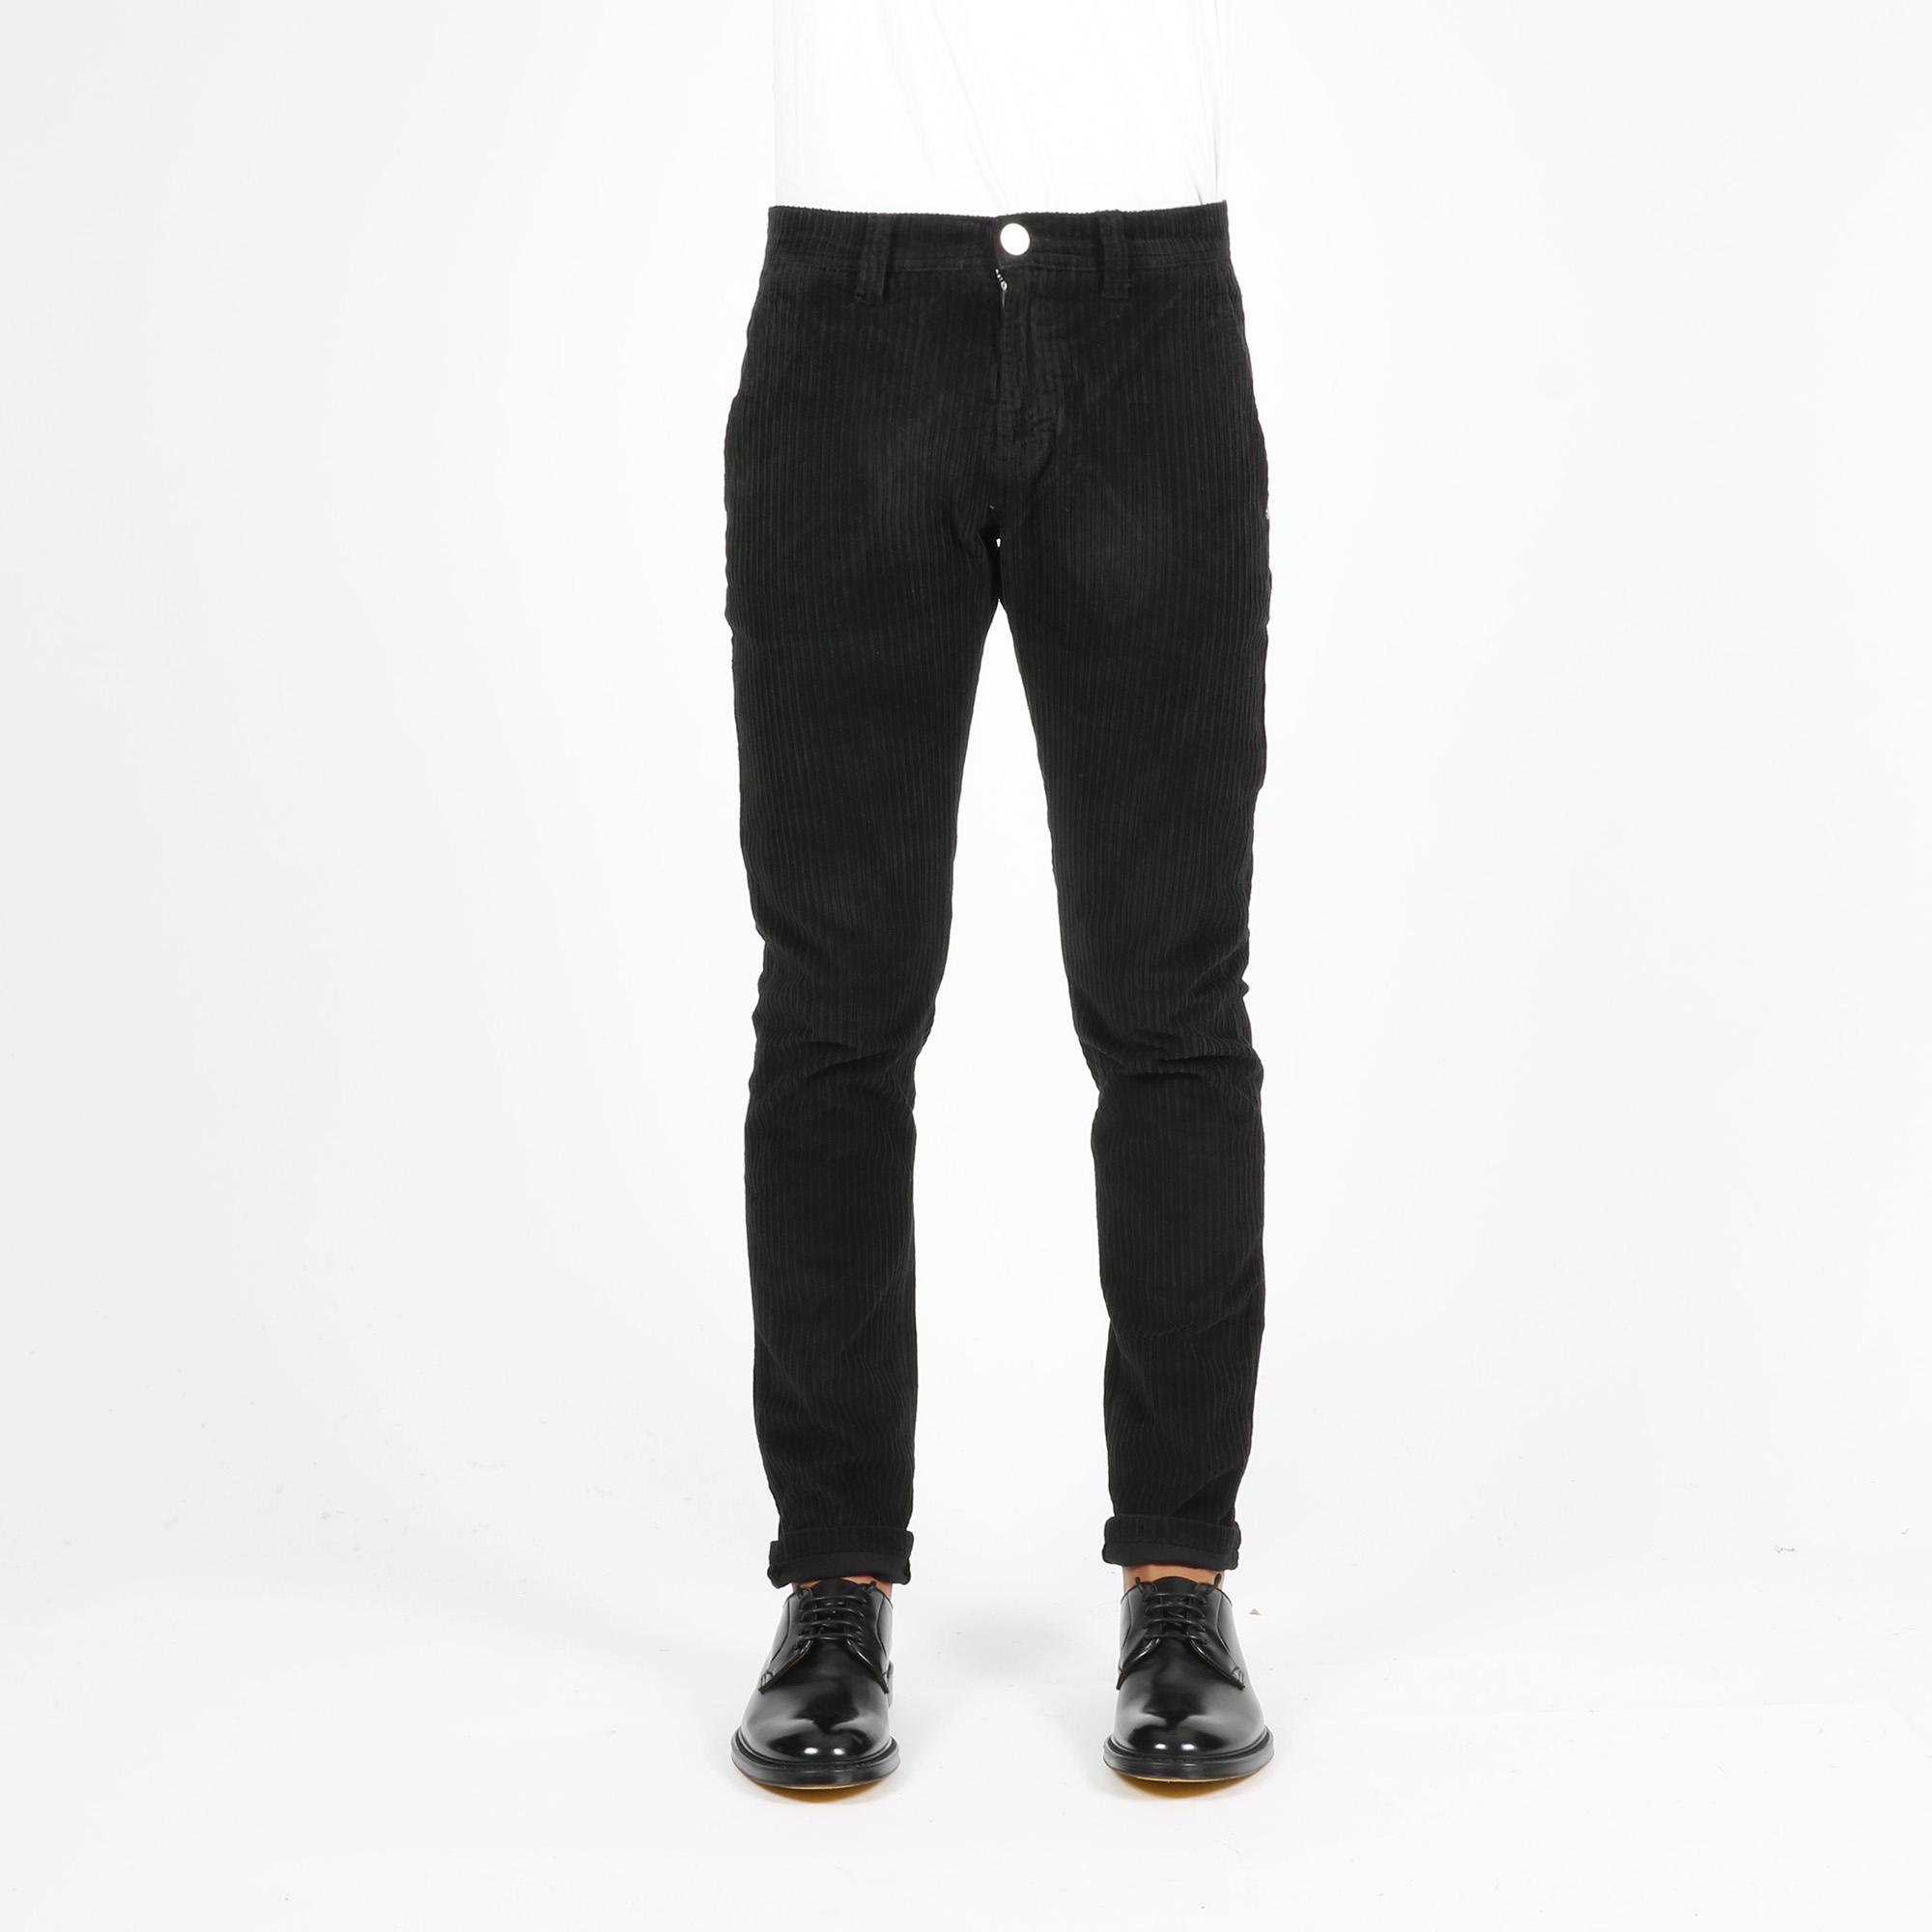 Pantalone draw velluto roccia - Nero